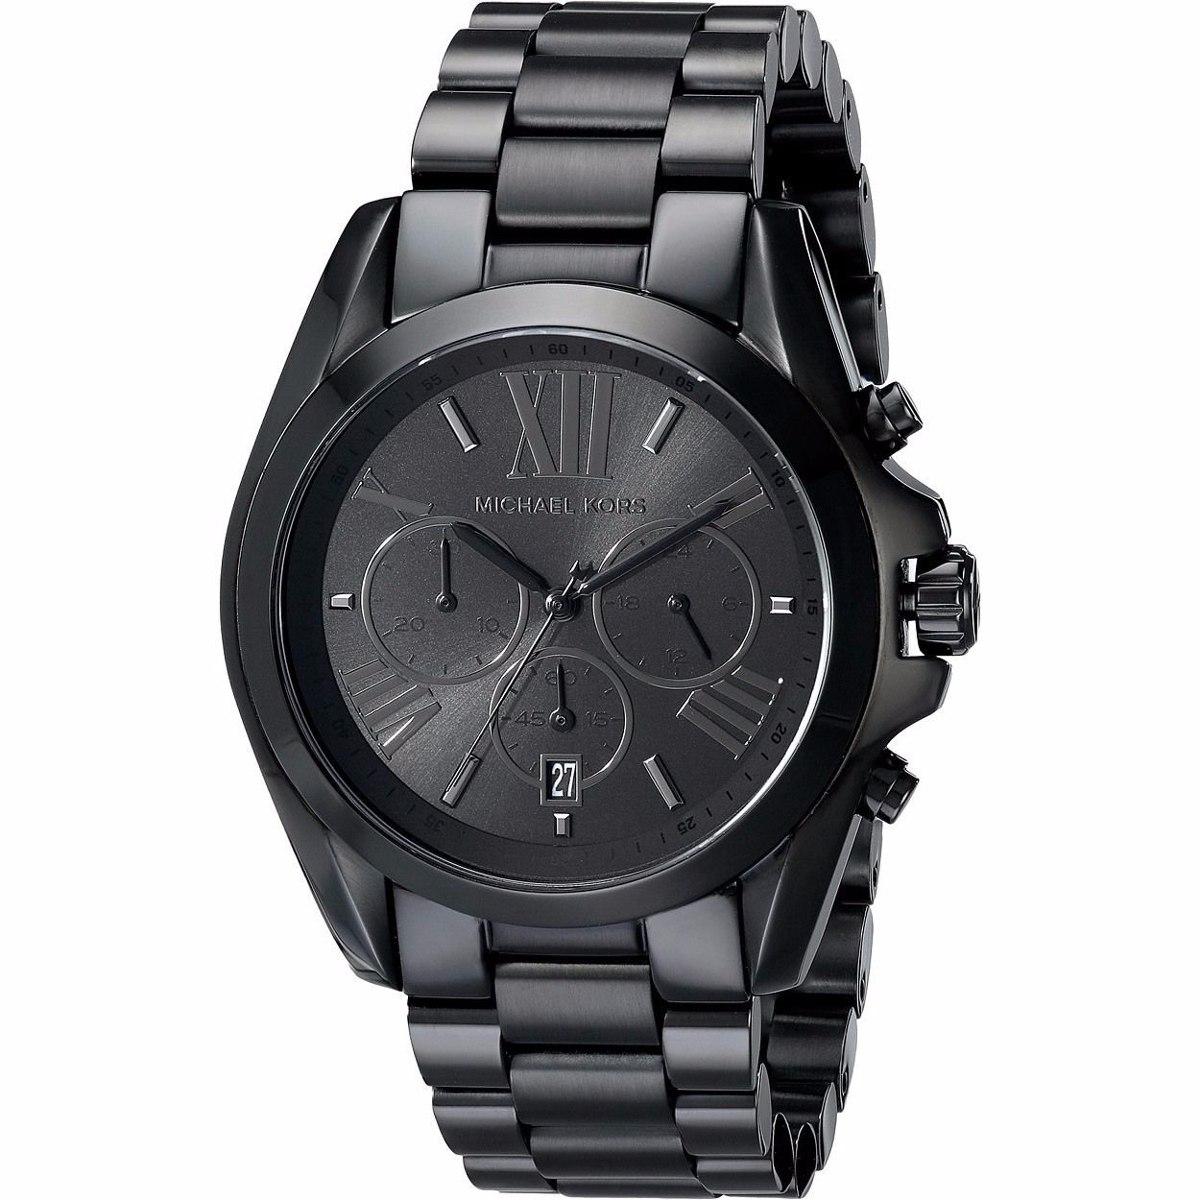 562c1285fc9 relógio michael kors mk5550 preto caixa original e garantia. Carregando  zoom.